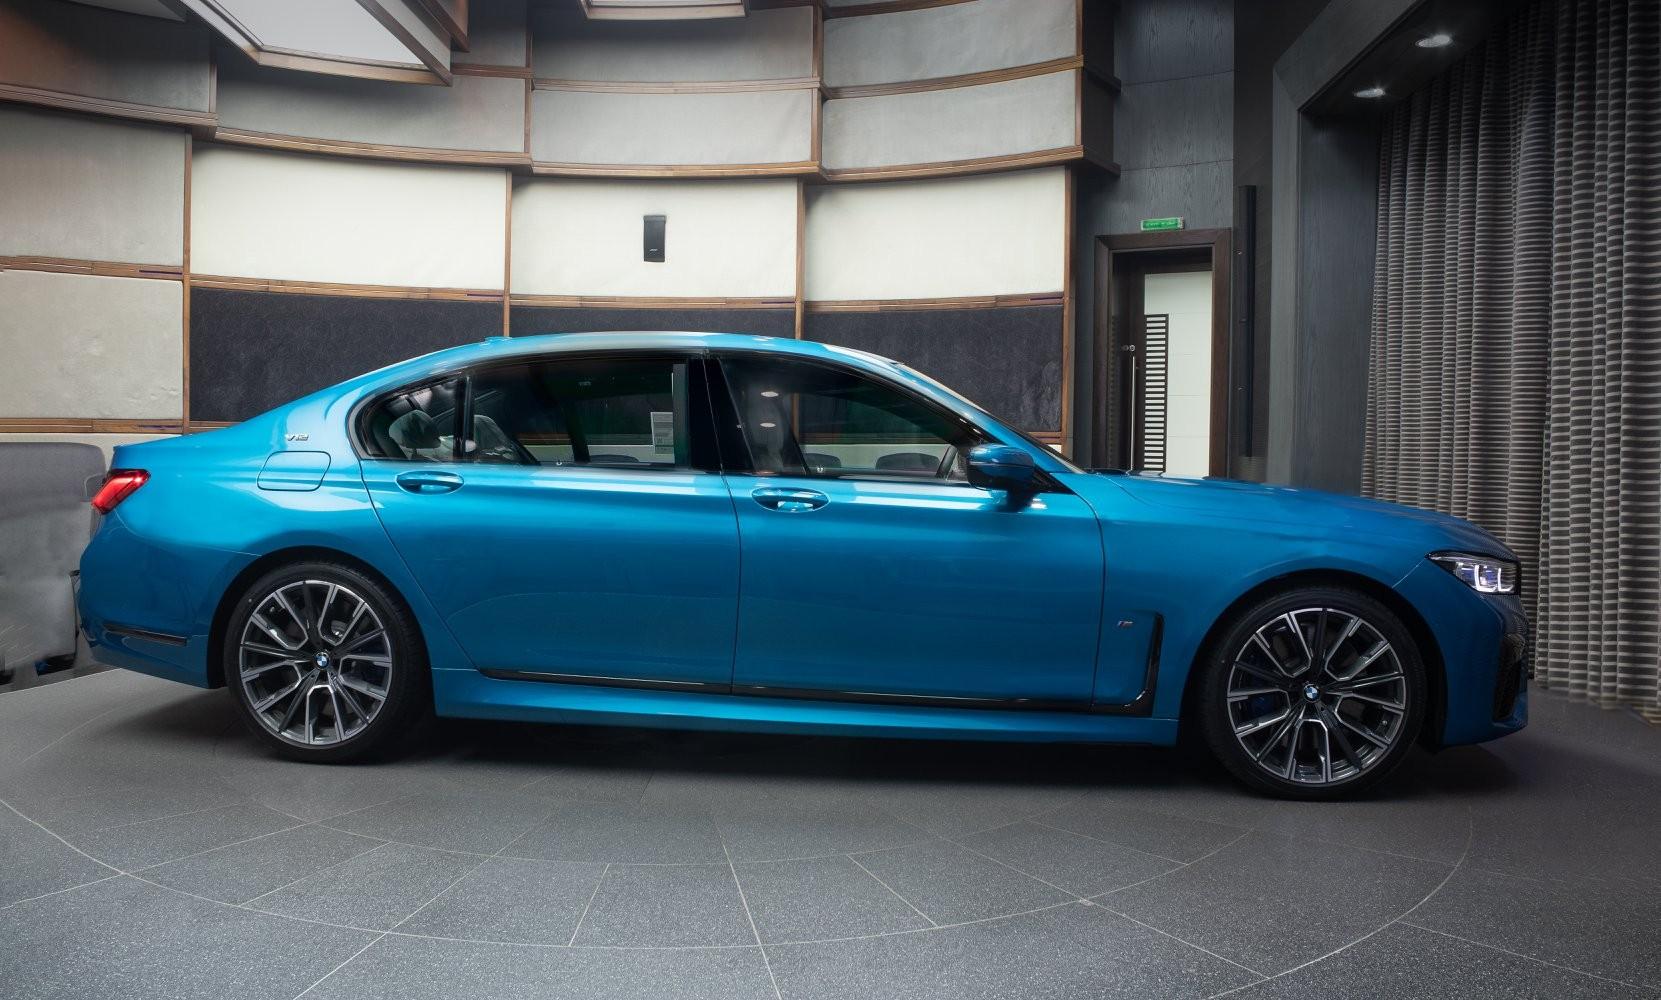 BMW M760Li xDrive in Atlantis Blue - BMW M760Li xDrive in Atlantis Blue